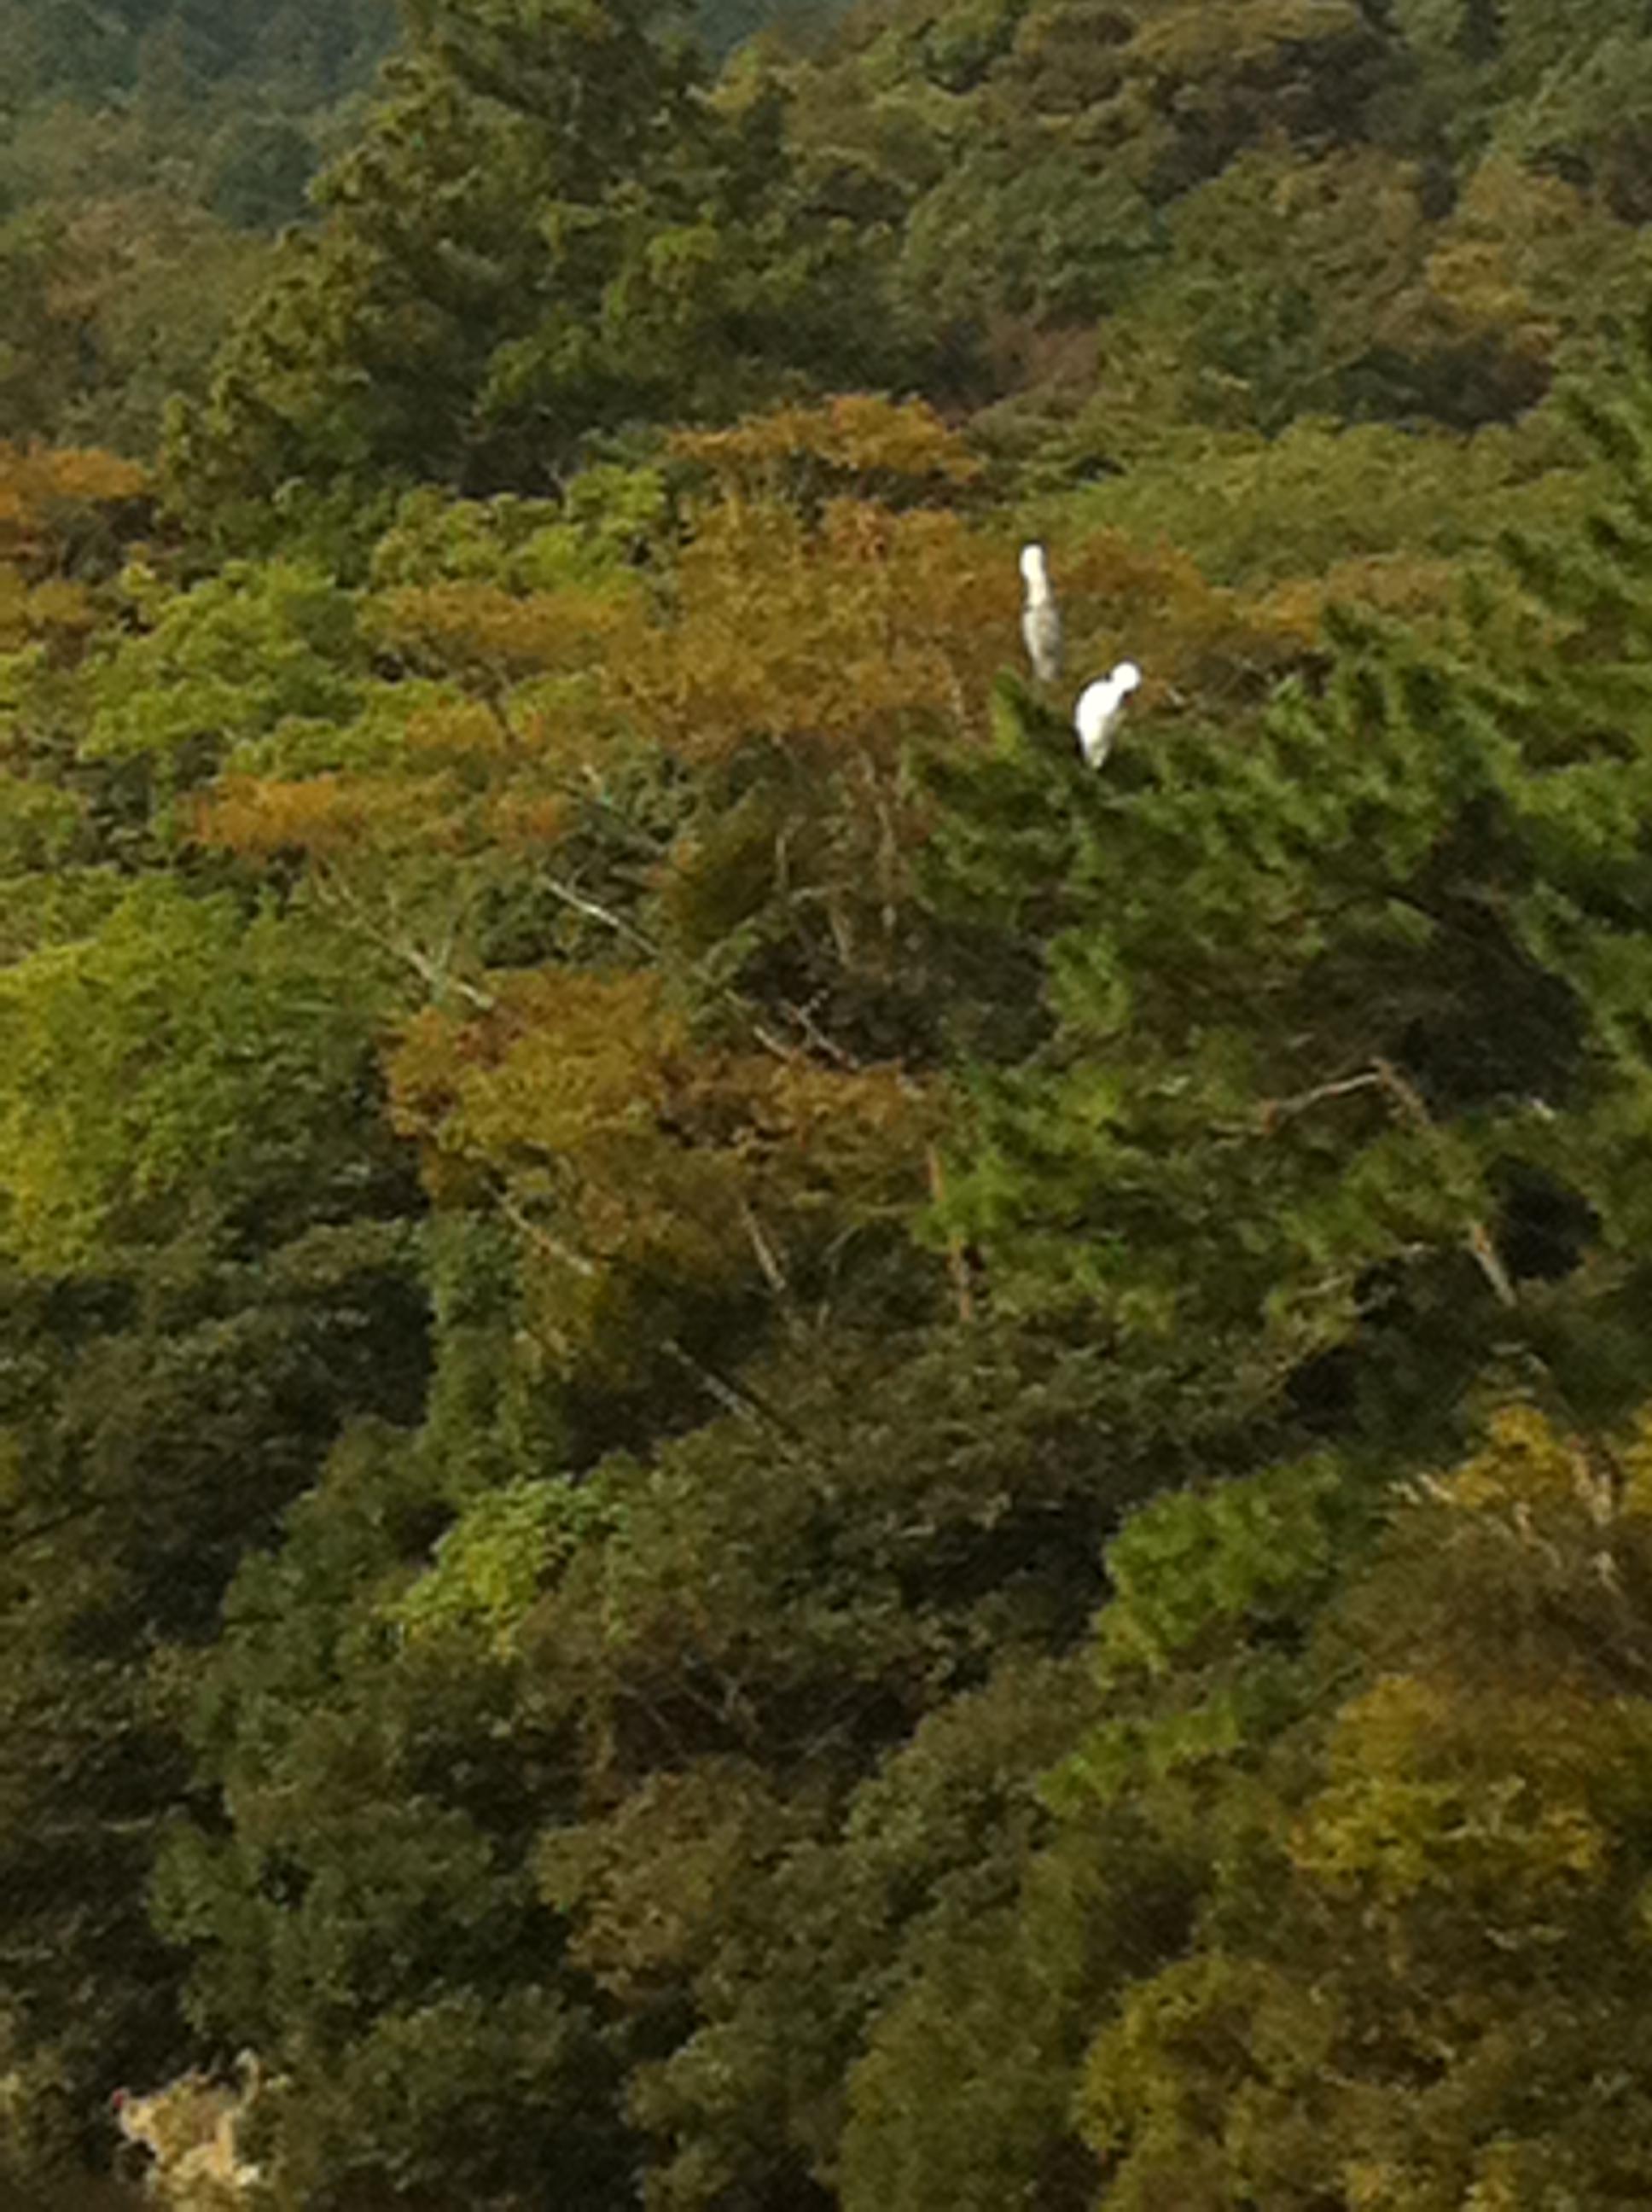 2011年10月10日 横の写真の鷺の部分を 拡大しました。